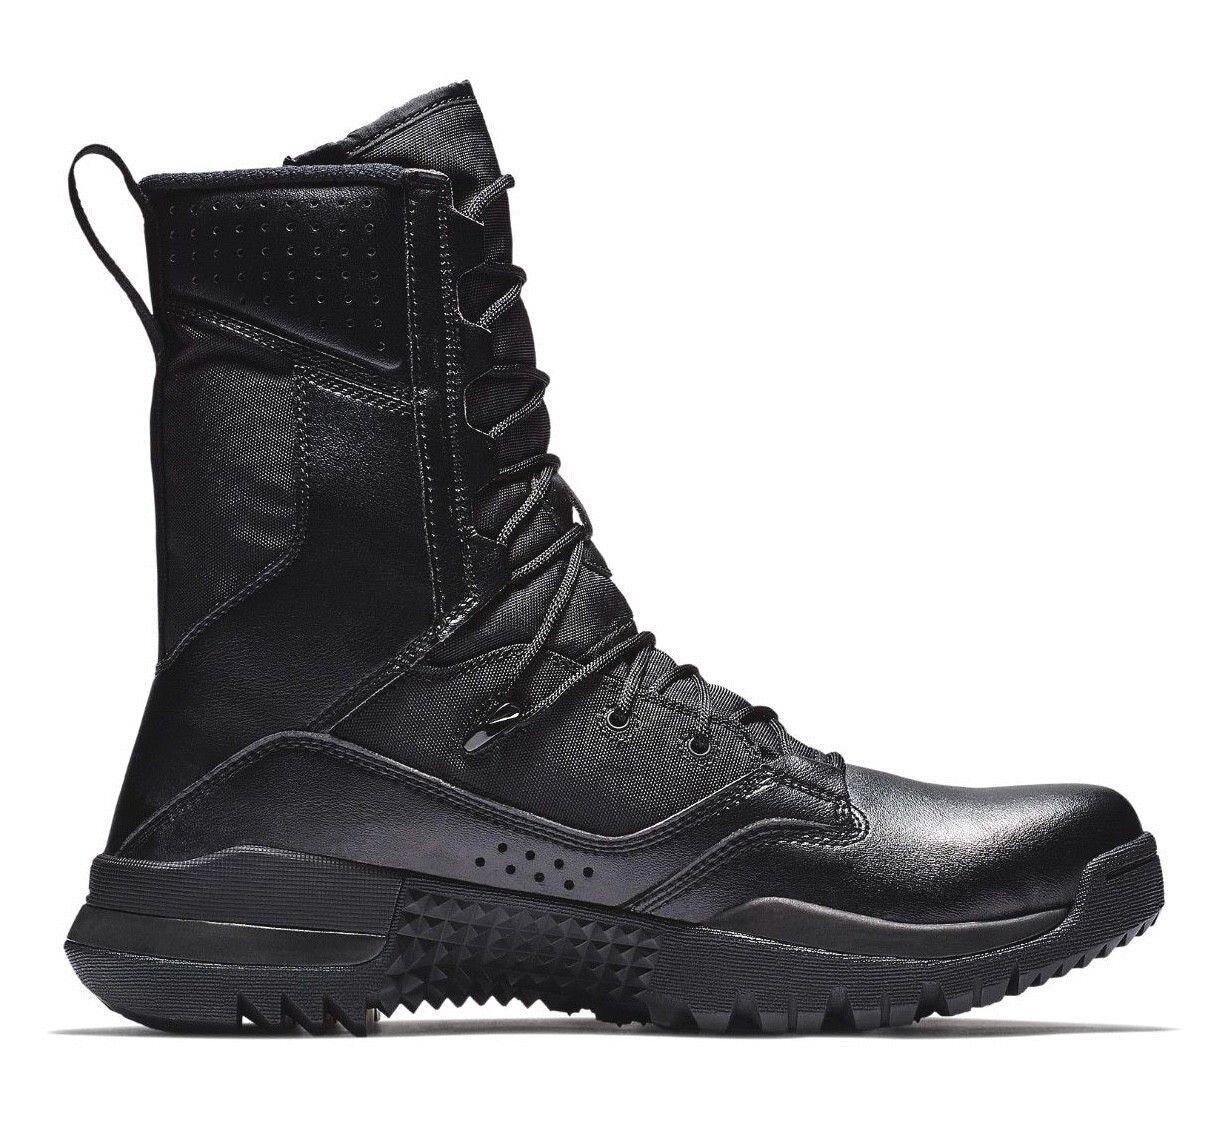 Domaine 001 De Nike 8 Bottes Tactiques Ao7507 Noirs Sfb 2 Militaires Rqazwz65